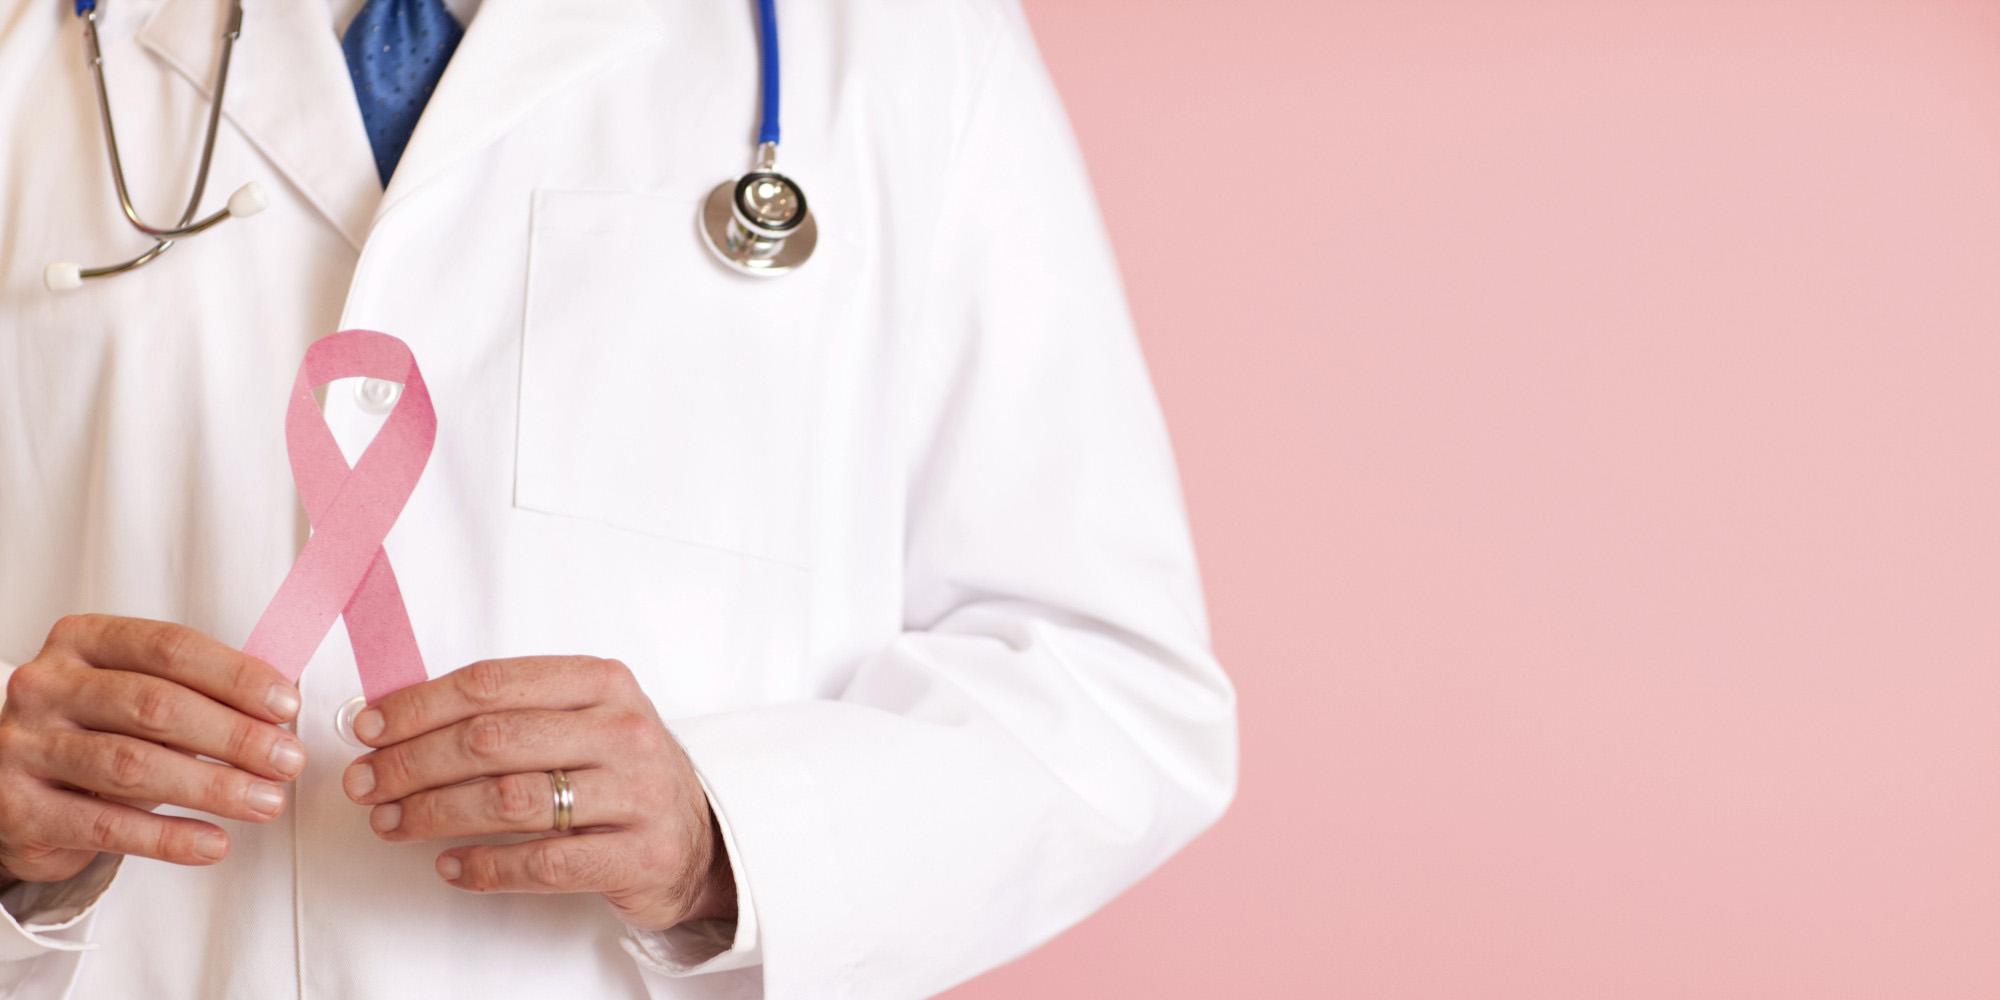 La organización continúa el legado del doctor venezolano y trabaja en una vacuna cuyos resultados han demostrado avances significativos de relevancia mundial